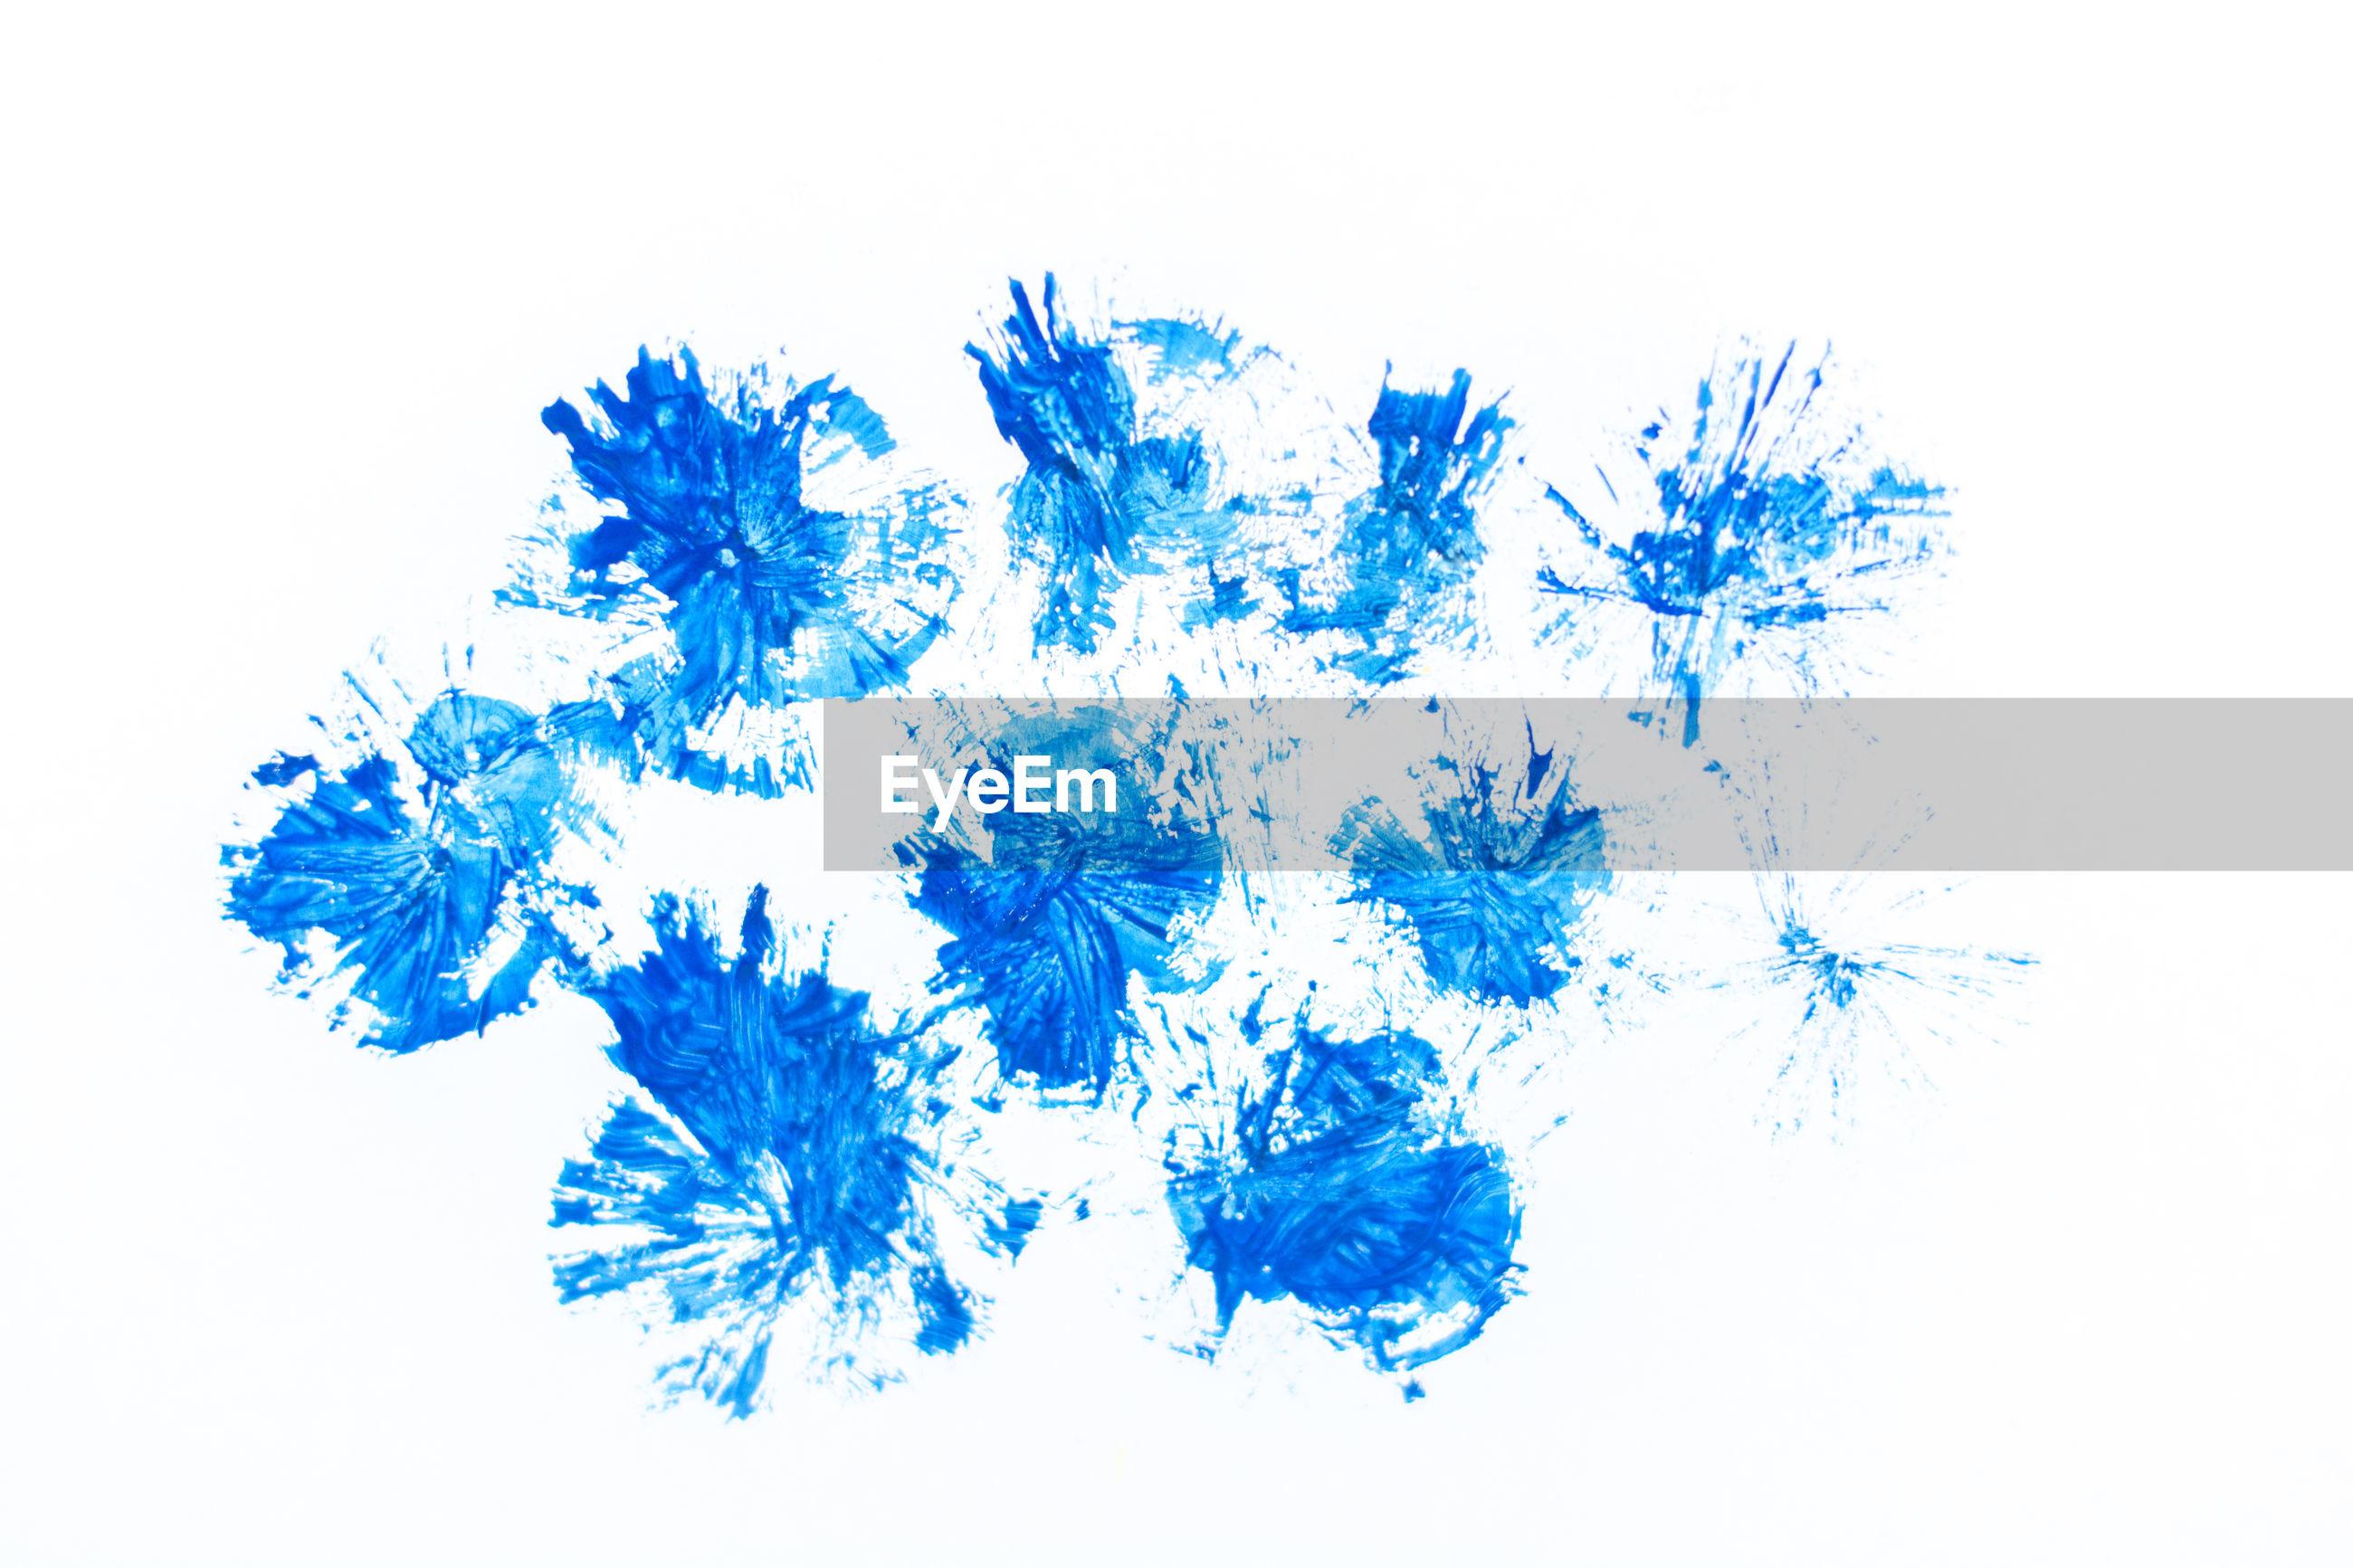 Blue paint on paper